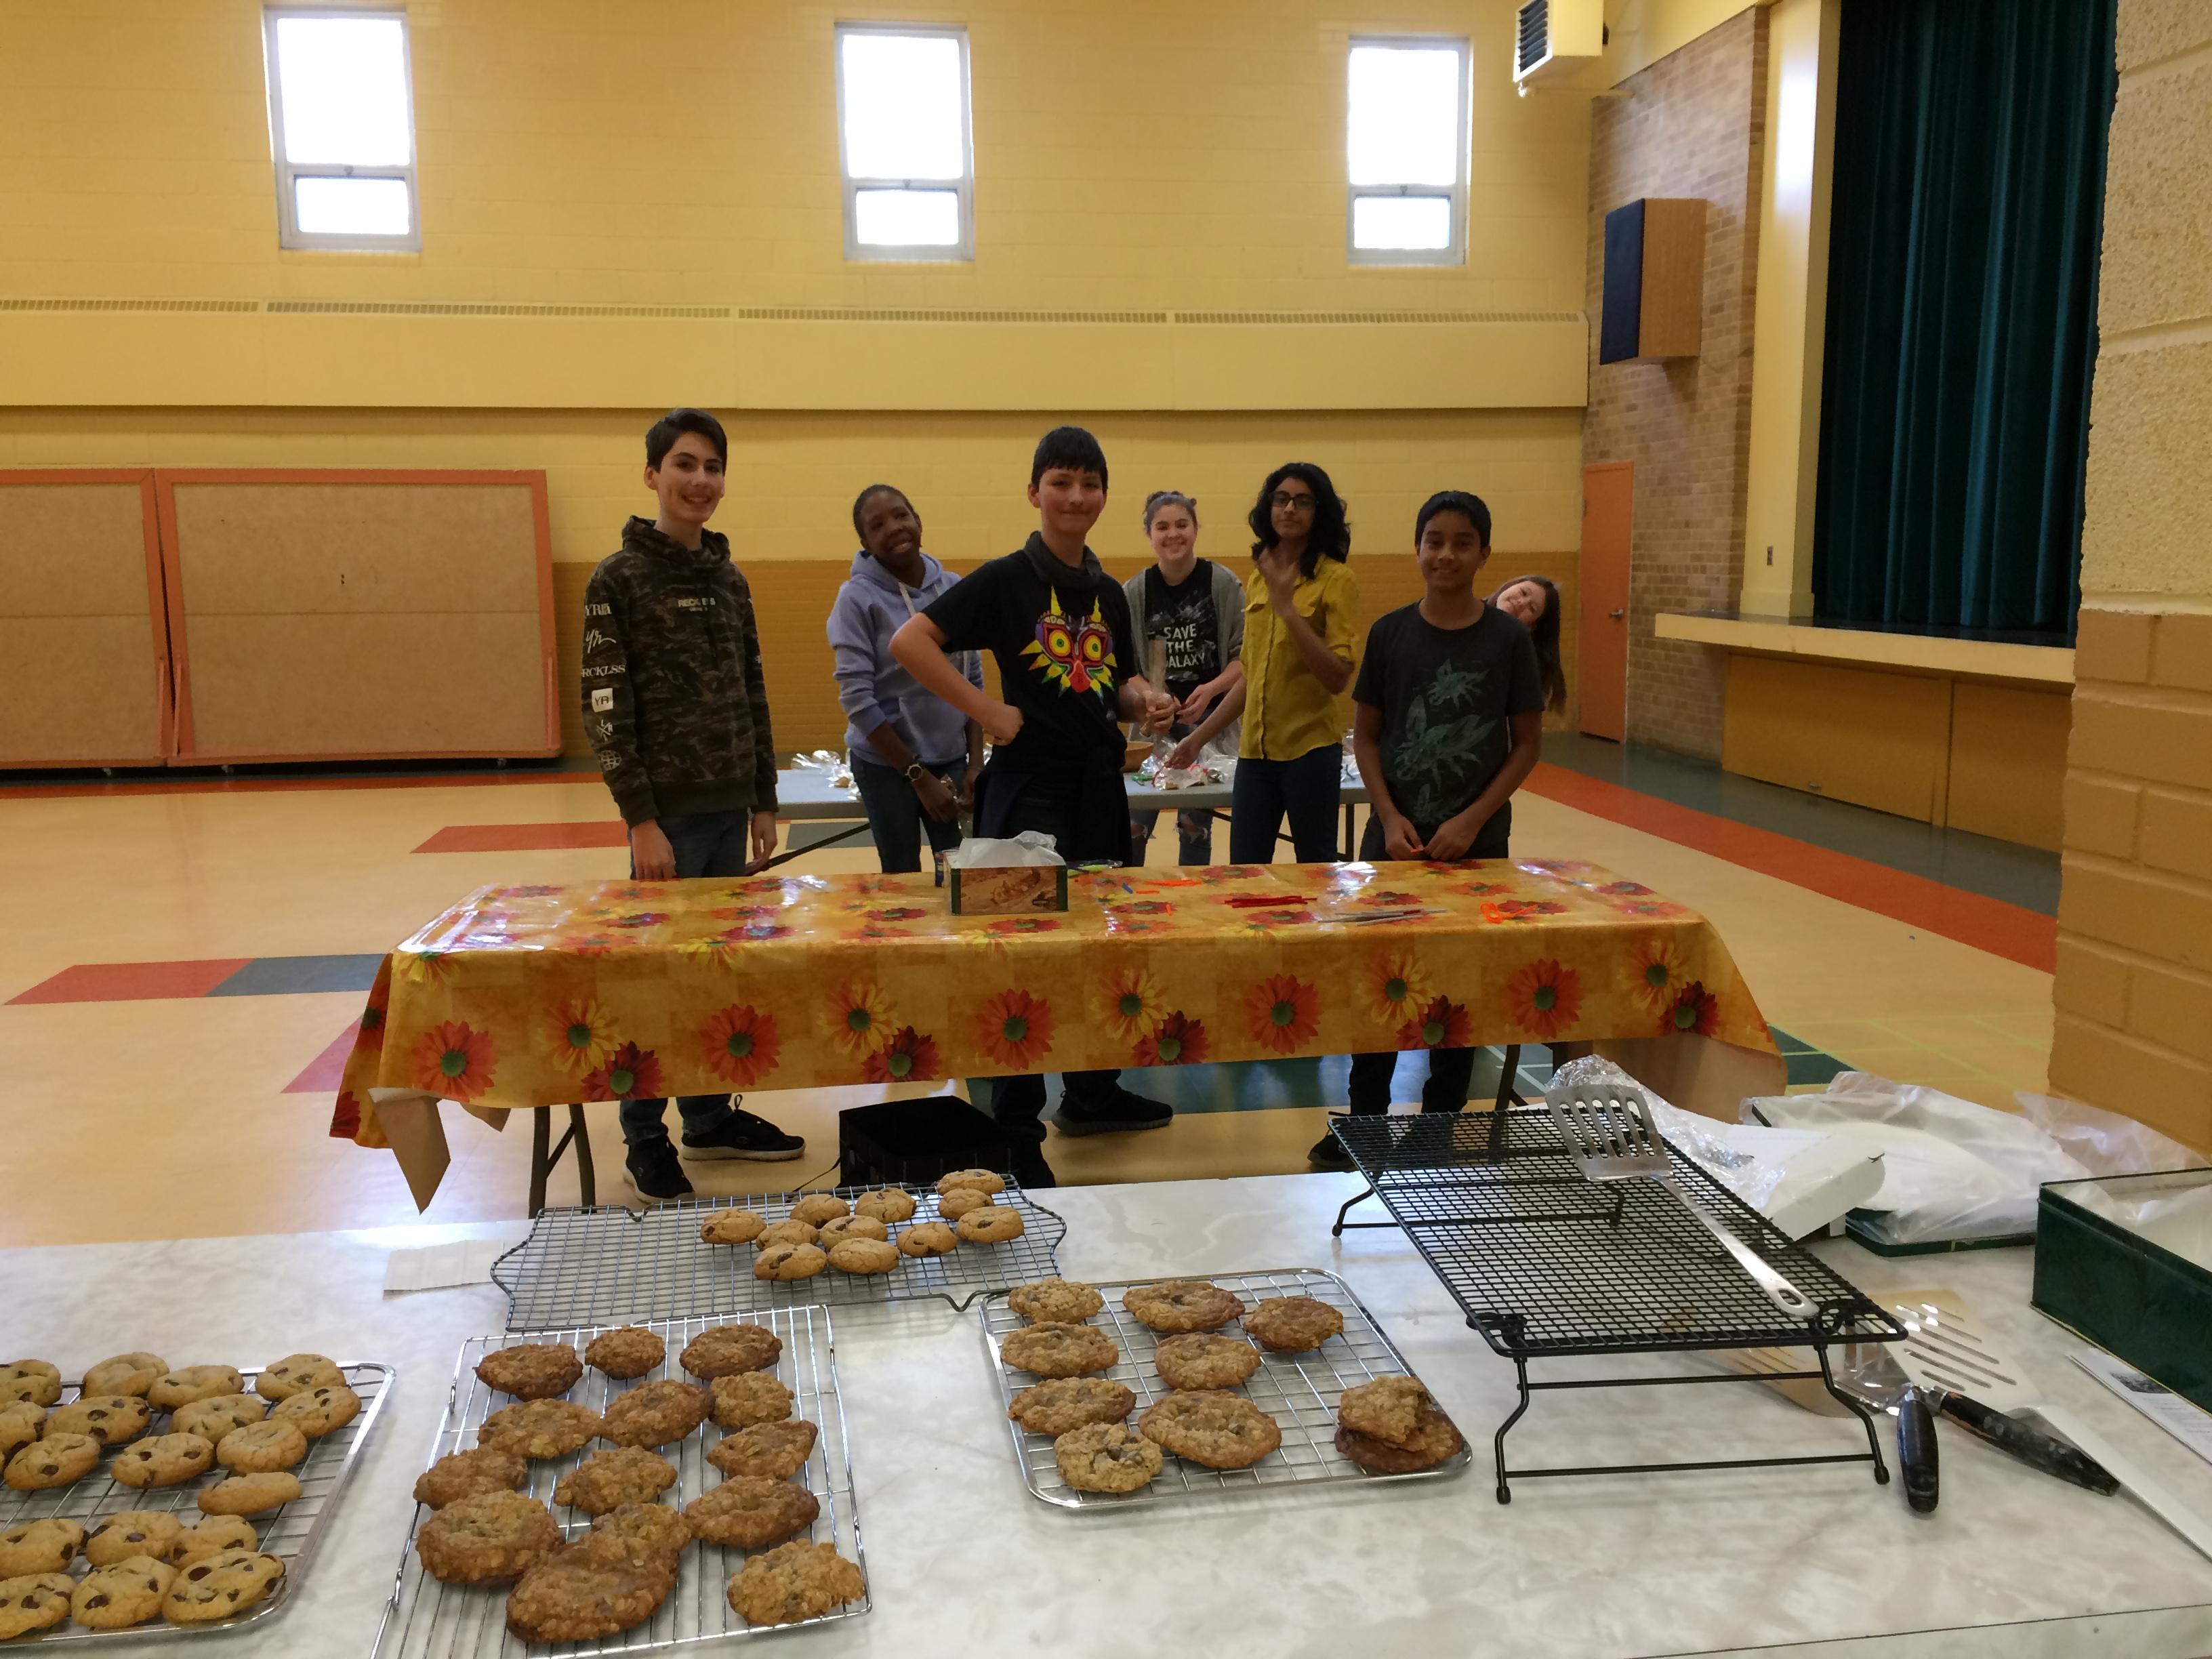 Baking Group 3.Feb 09 19